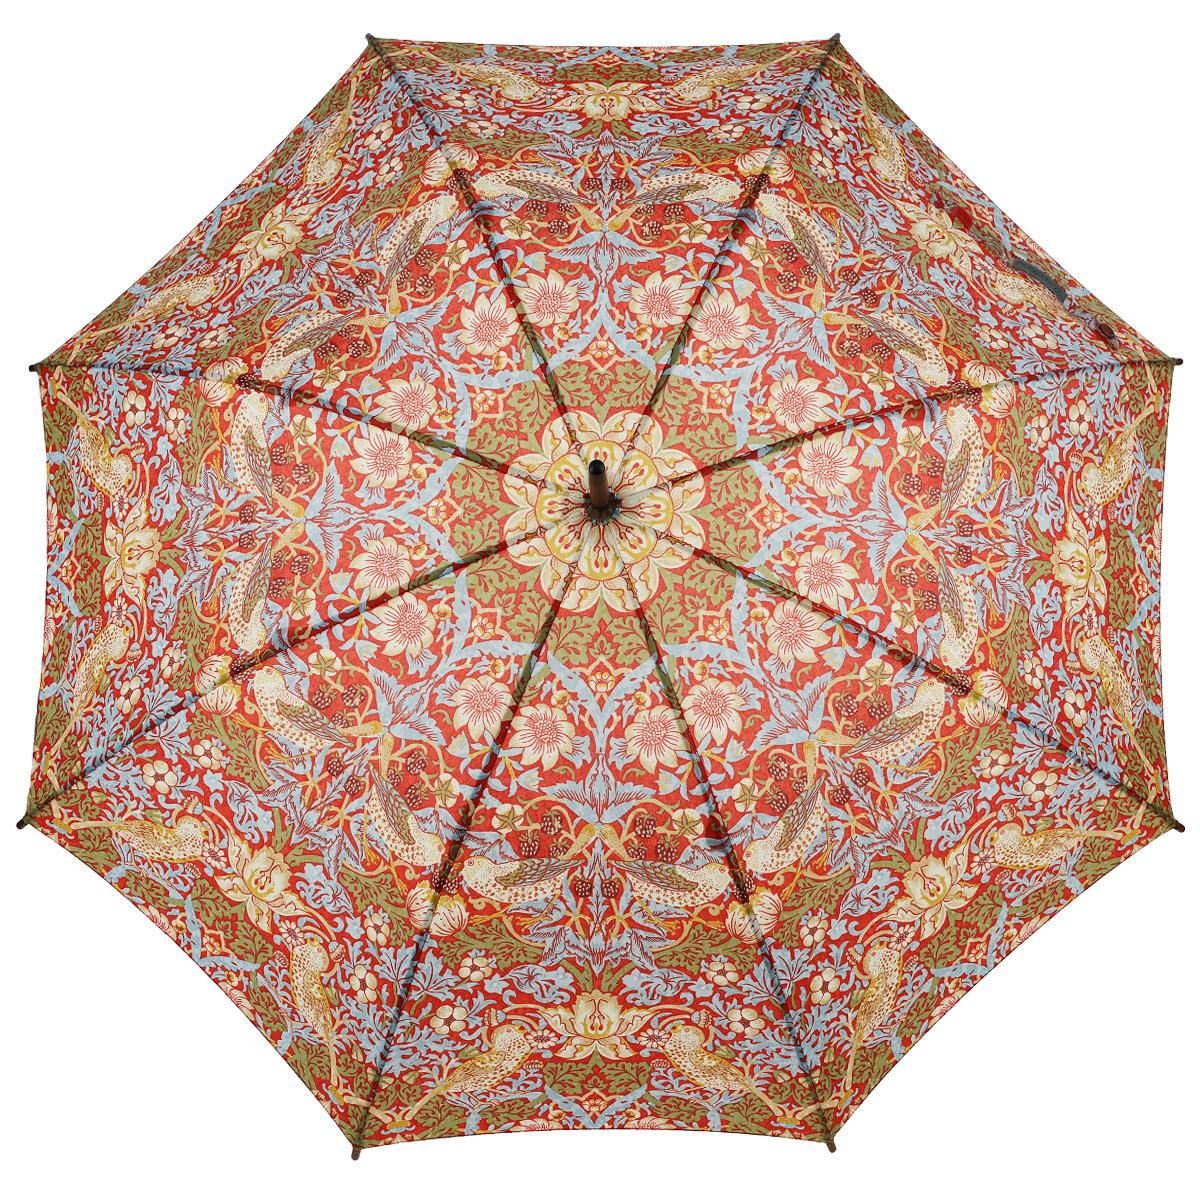 Зонт-трость женский Strawberry Thief, механический, цвет: голубой, красныйREM12-CAM-GREENBLACKСтильный механический зонт-трость Strawberry Thief даже в ненастную погоду позволит вам оставаться элегантной. Облегченный каркас зонта выполнен из 8 спиц из стали, стержень изготовлен из дерева. Купол зонта выполнен из прочного полиэстера и оформлен красочным принтом с изображением птиц. Рукоятка закругленной формы разработана с учетом требований эргономики и выполнена из дерева. Зонт имеет механический тип сложения: купол открывается и закрывается вручную до характерного щелчка.Такой зонт не только надежно защитит вас от дождя, но и станет стильным аксессуаром. Характеристики:Материал: полиэстер, сталь, дерево. Диаметр купола: 102 см.Цвет: голубой, красный. Длина стержня зонта: 78 см. Длина зонта (в сложенном виде): 89 см.Вес: 370 г.Артикул: L715 3S2593.